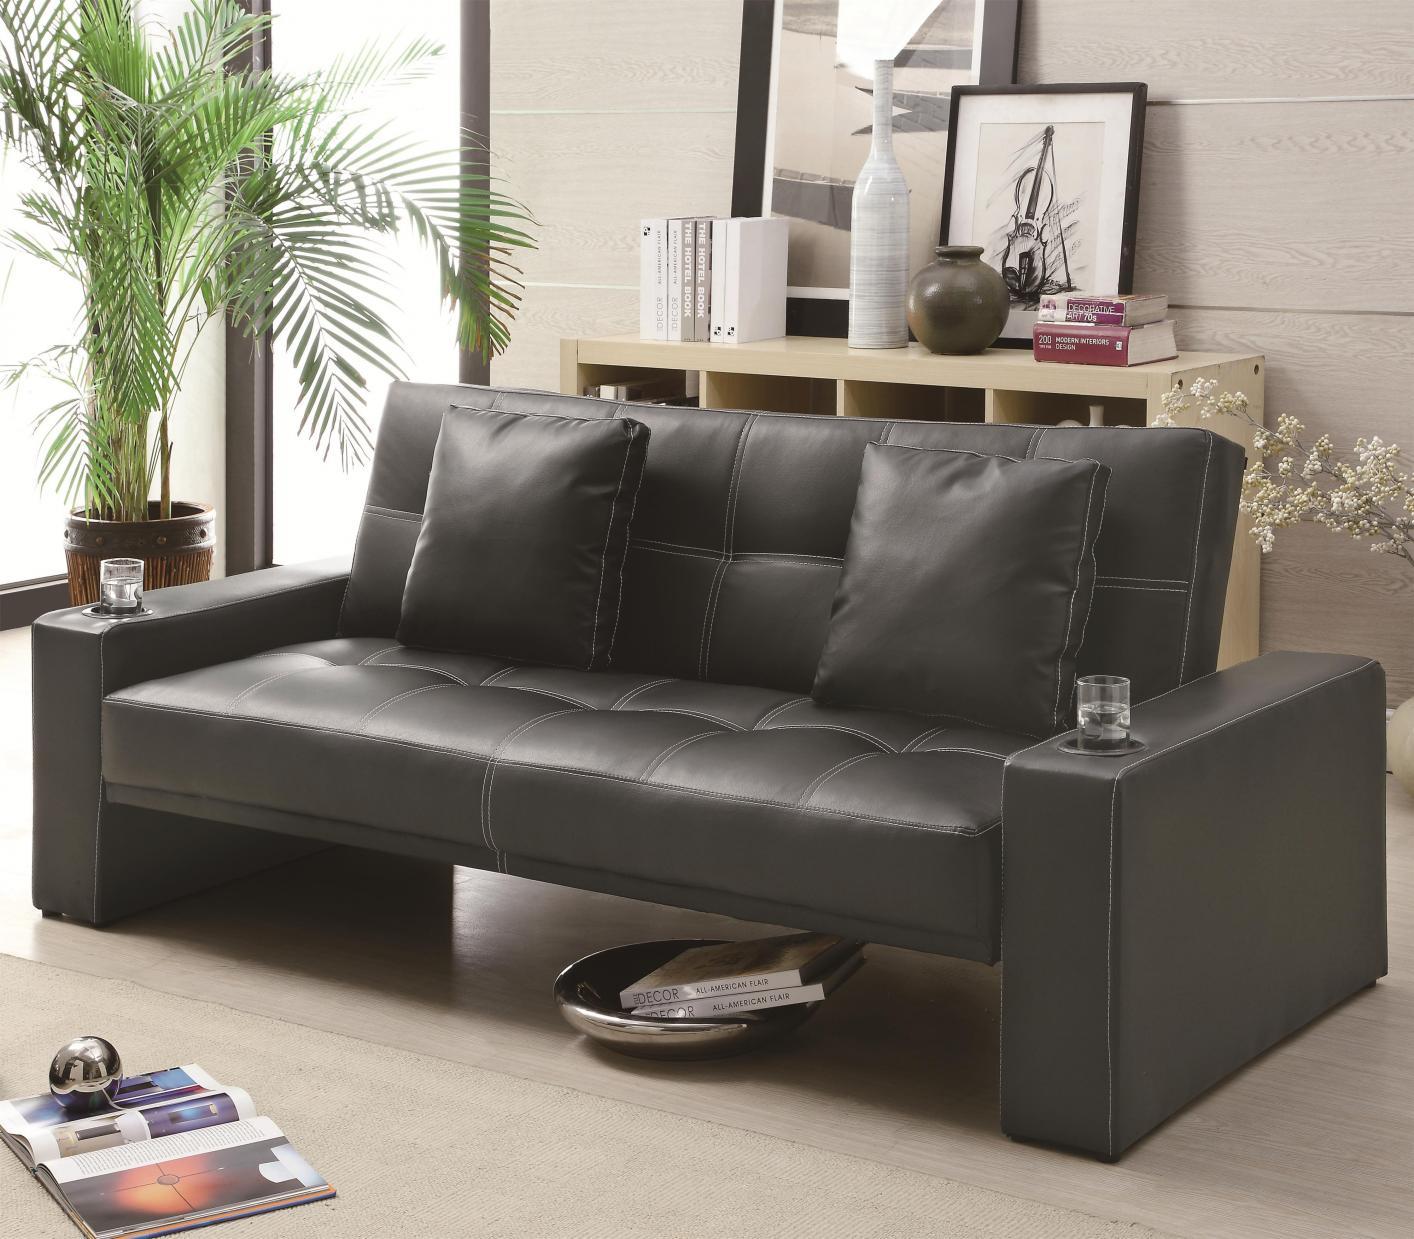 black leather sofa bed DASVUNE